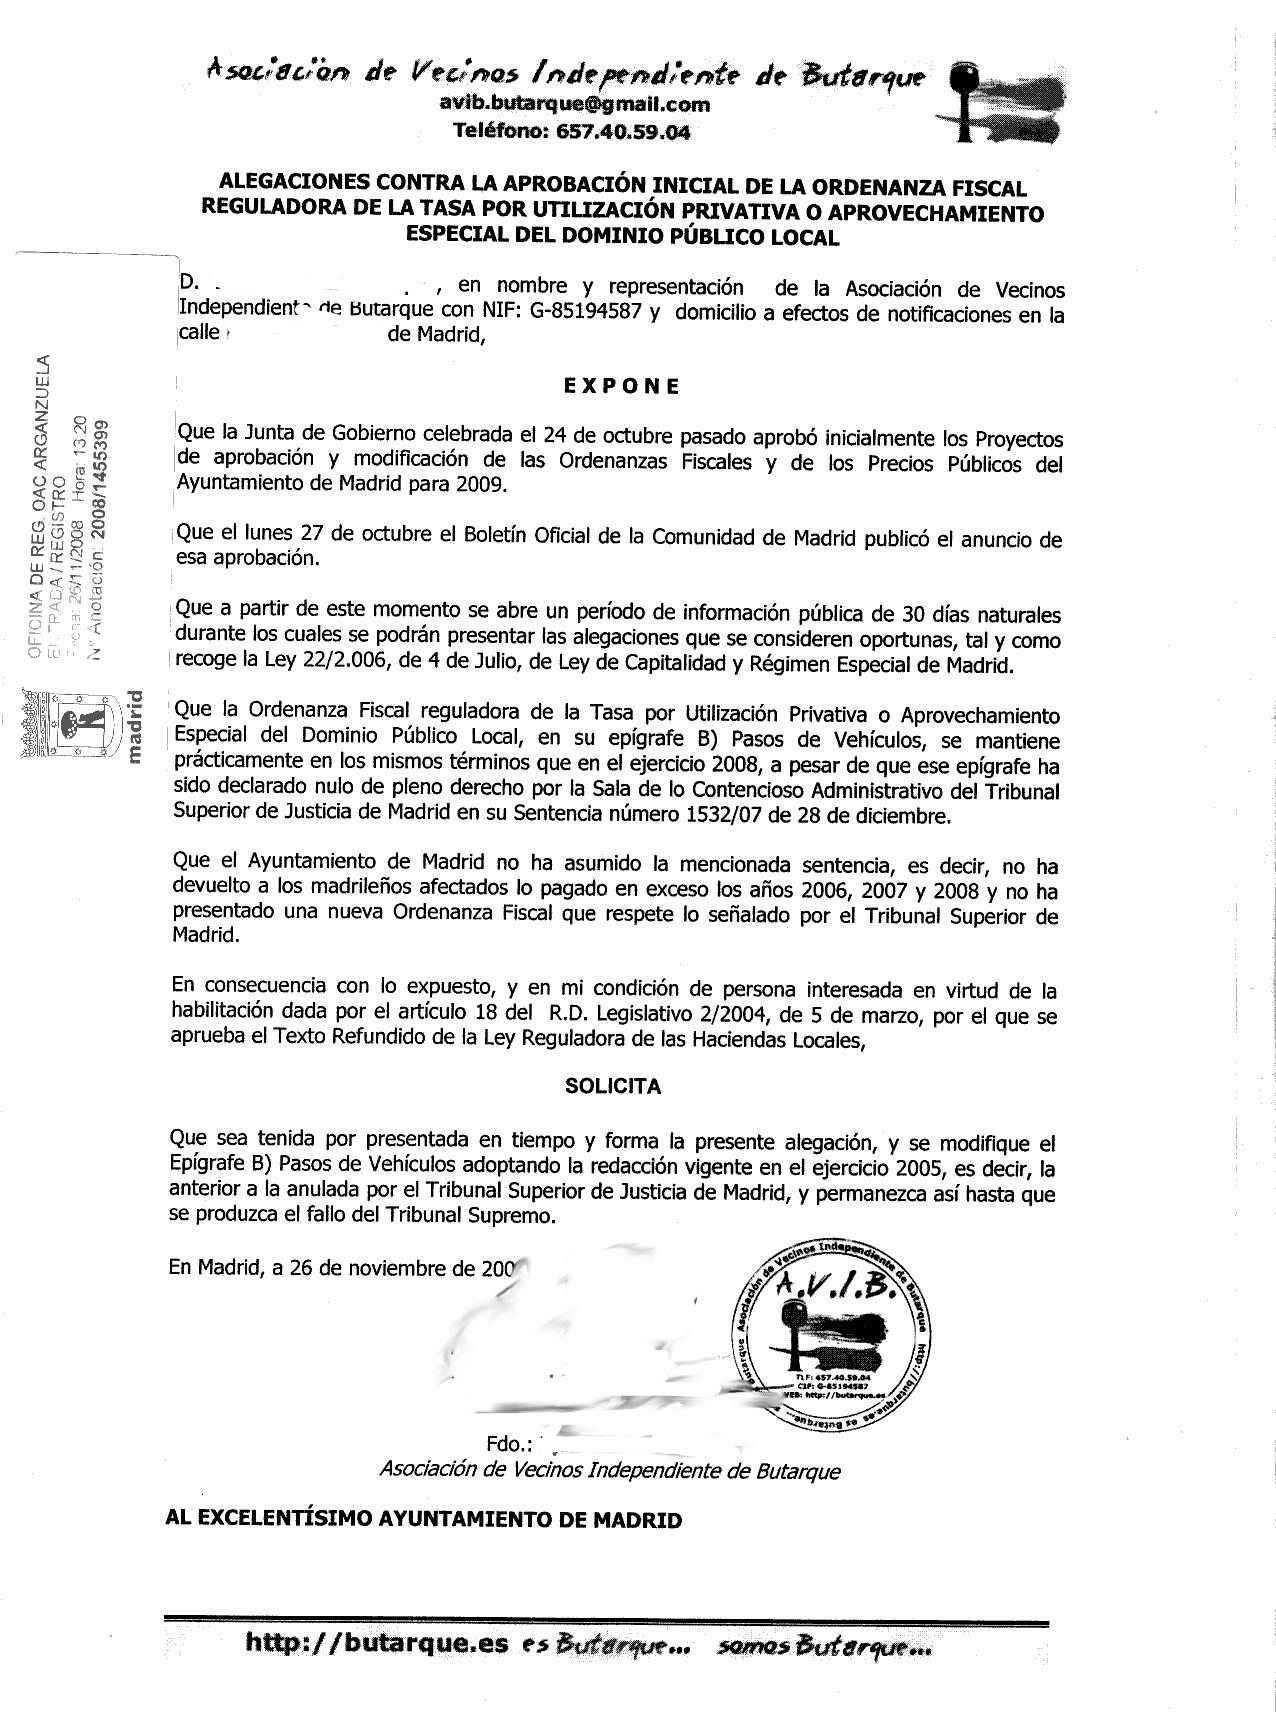 Alegaciones_Tasa_utilizacion_privativa.jpg